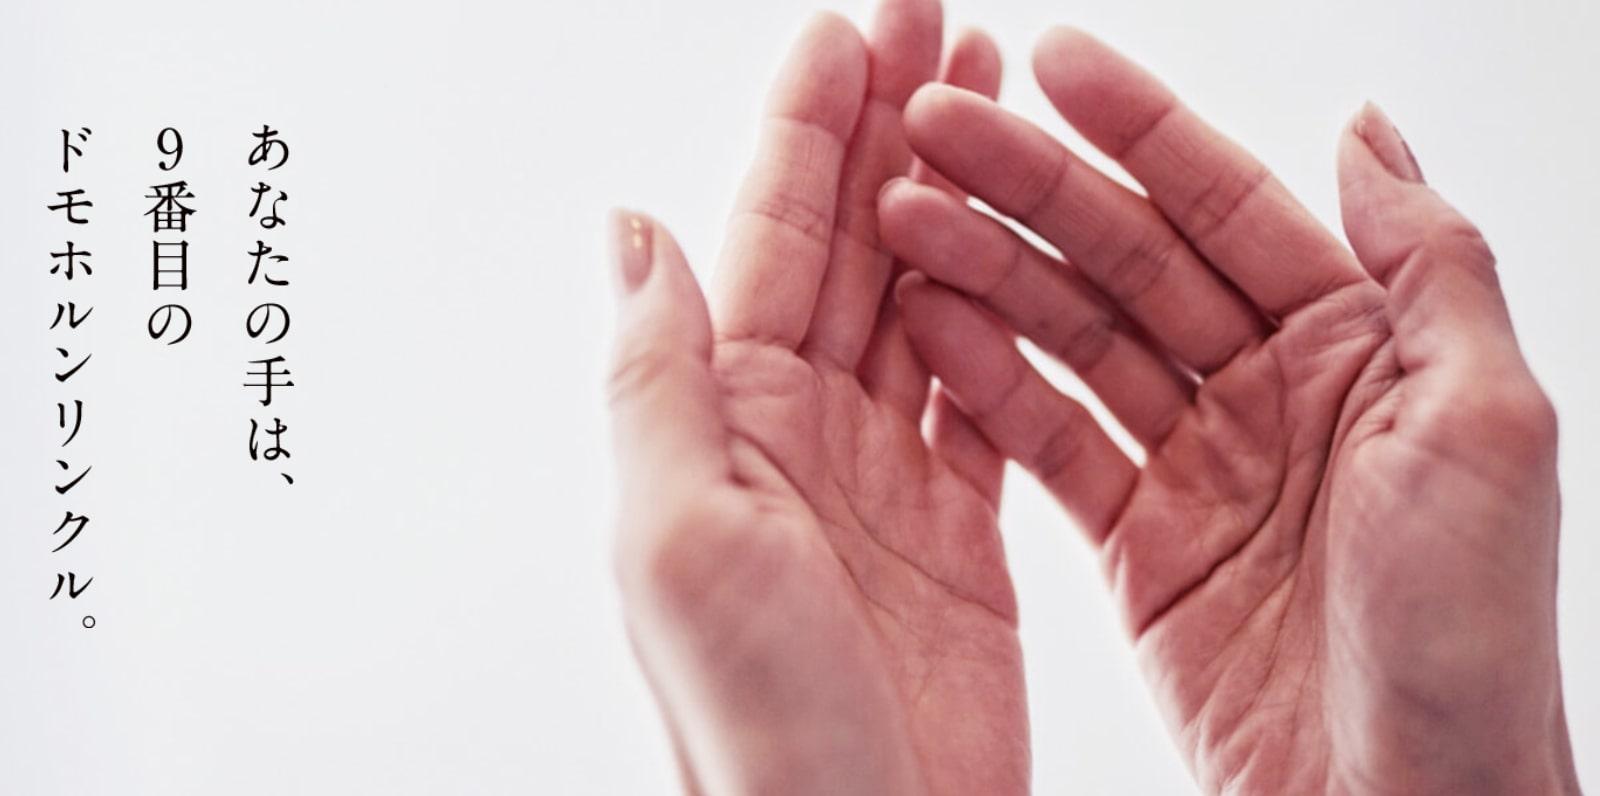 あなたの手は、9番目のドモホルンリンクル